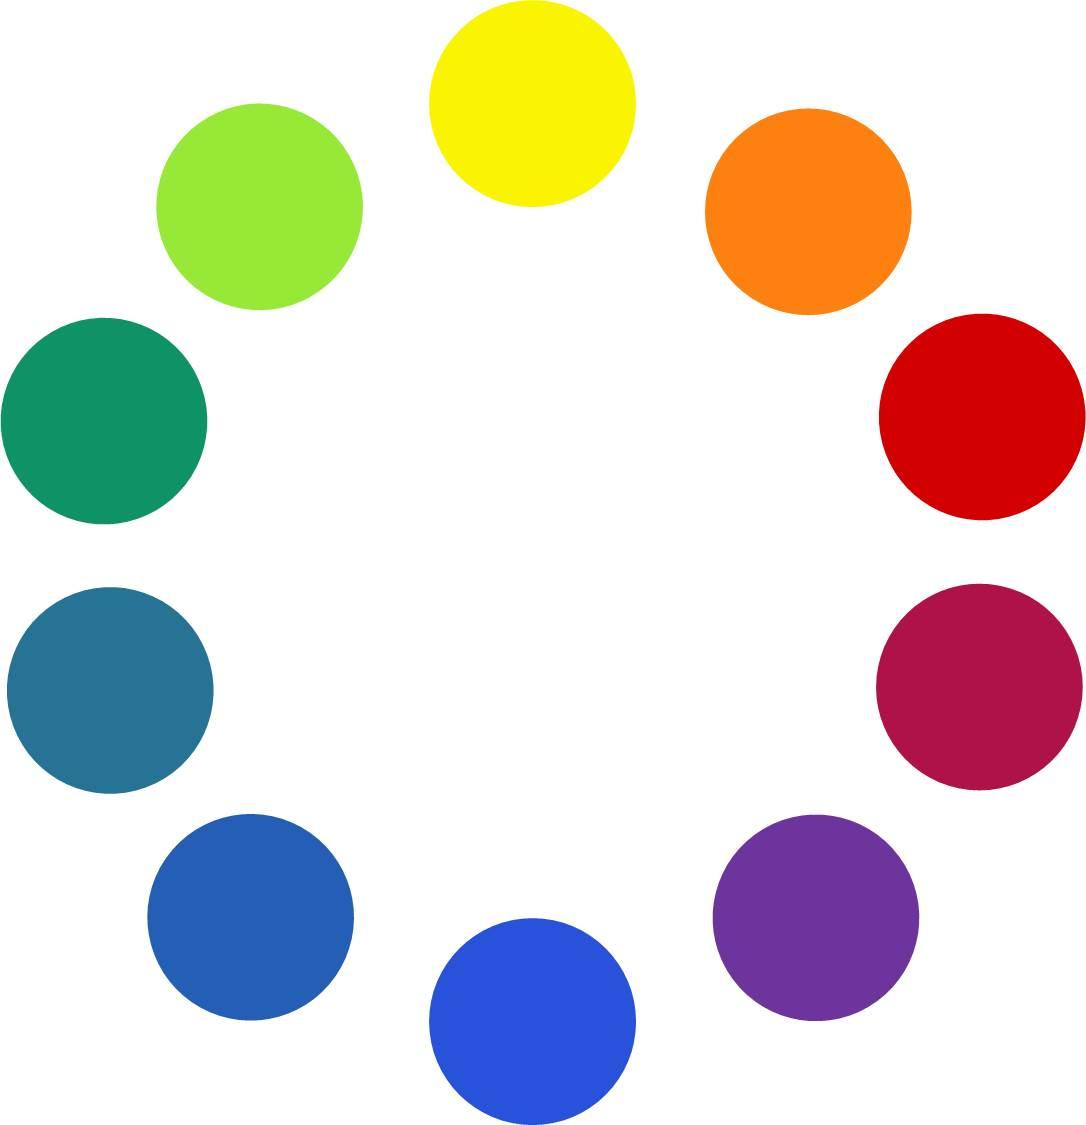 冊子「色覚異常を正しく理解するために」 | 色覚関 …